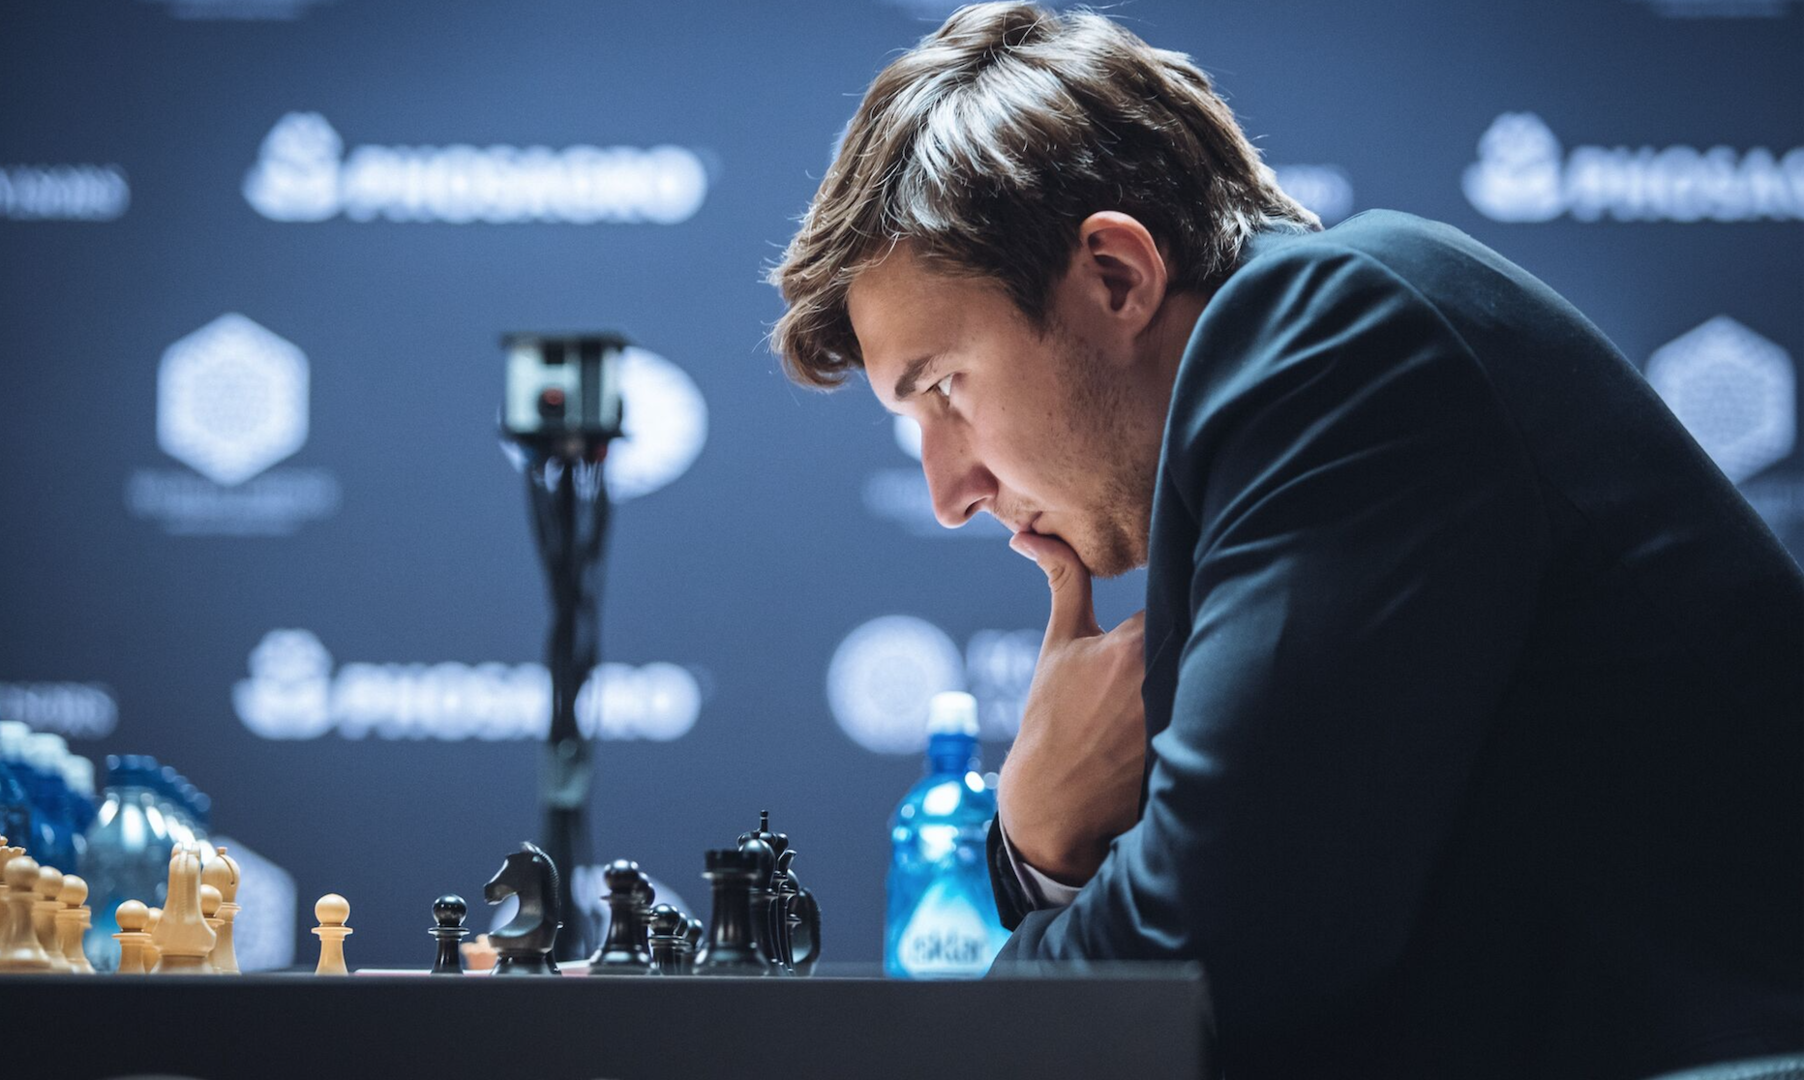 Превышенное давление: Карякин проиграл Карлсену в 10-й партии матча за шахматную корону